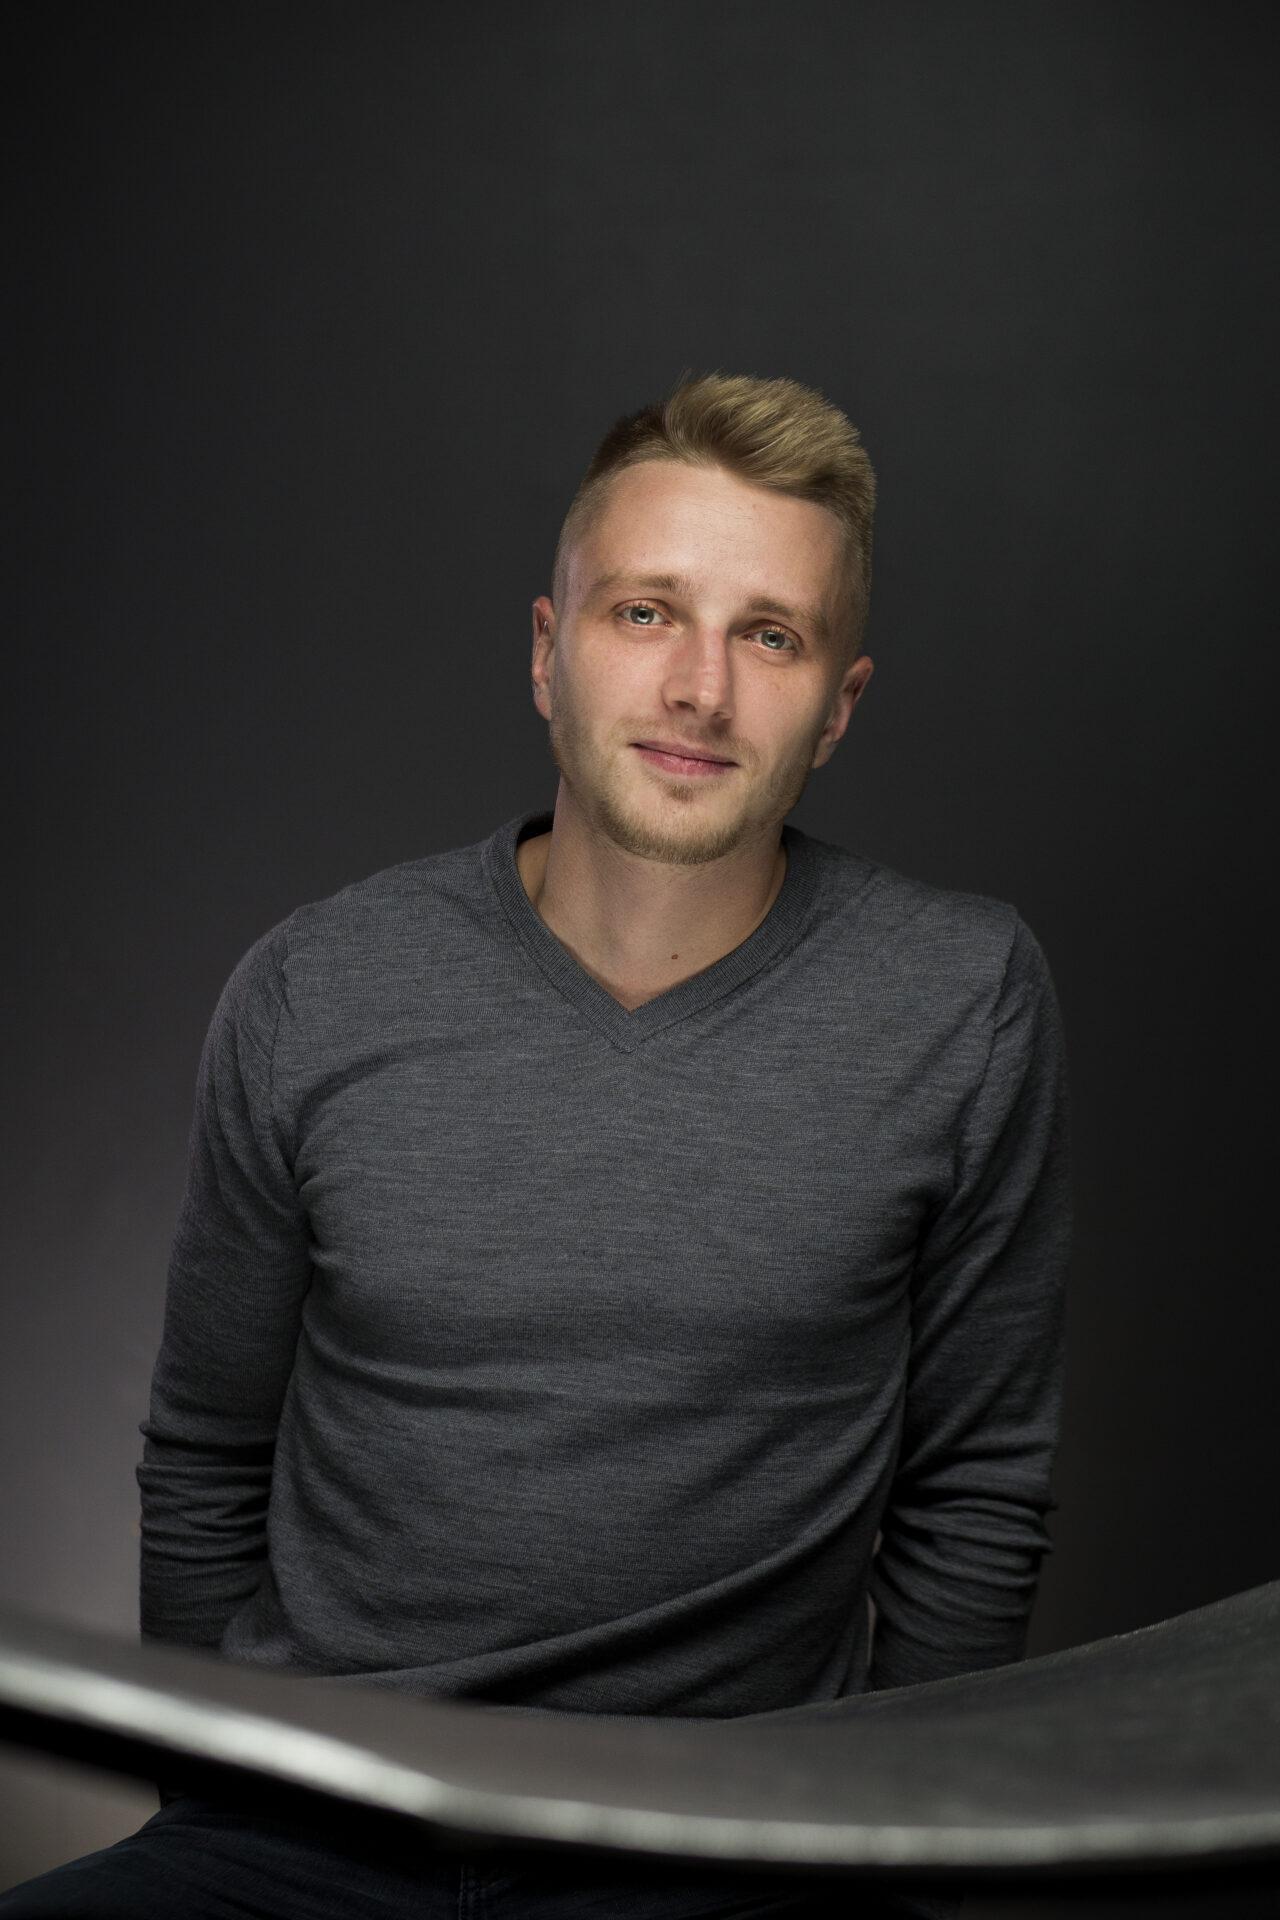 Pavel Krishtapovich